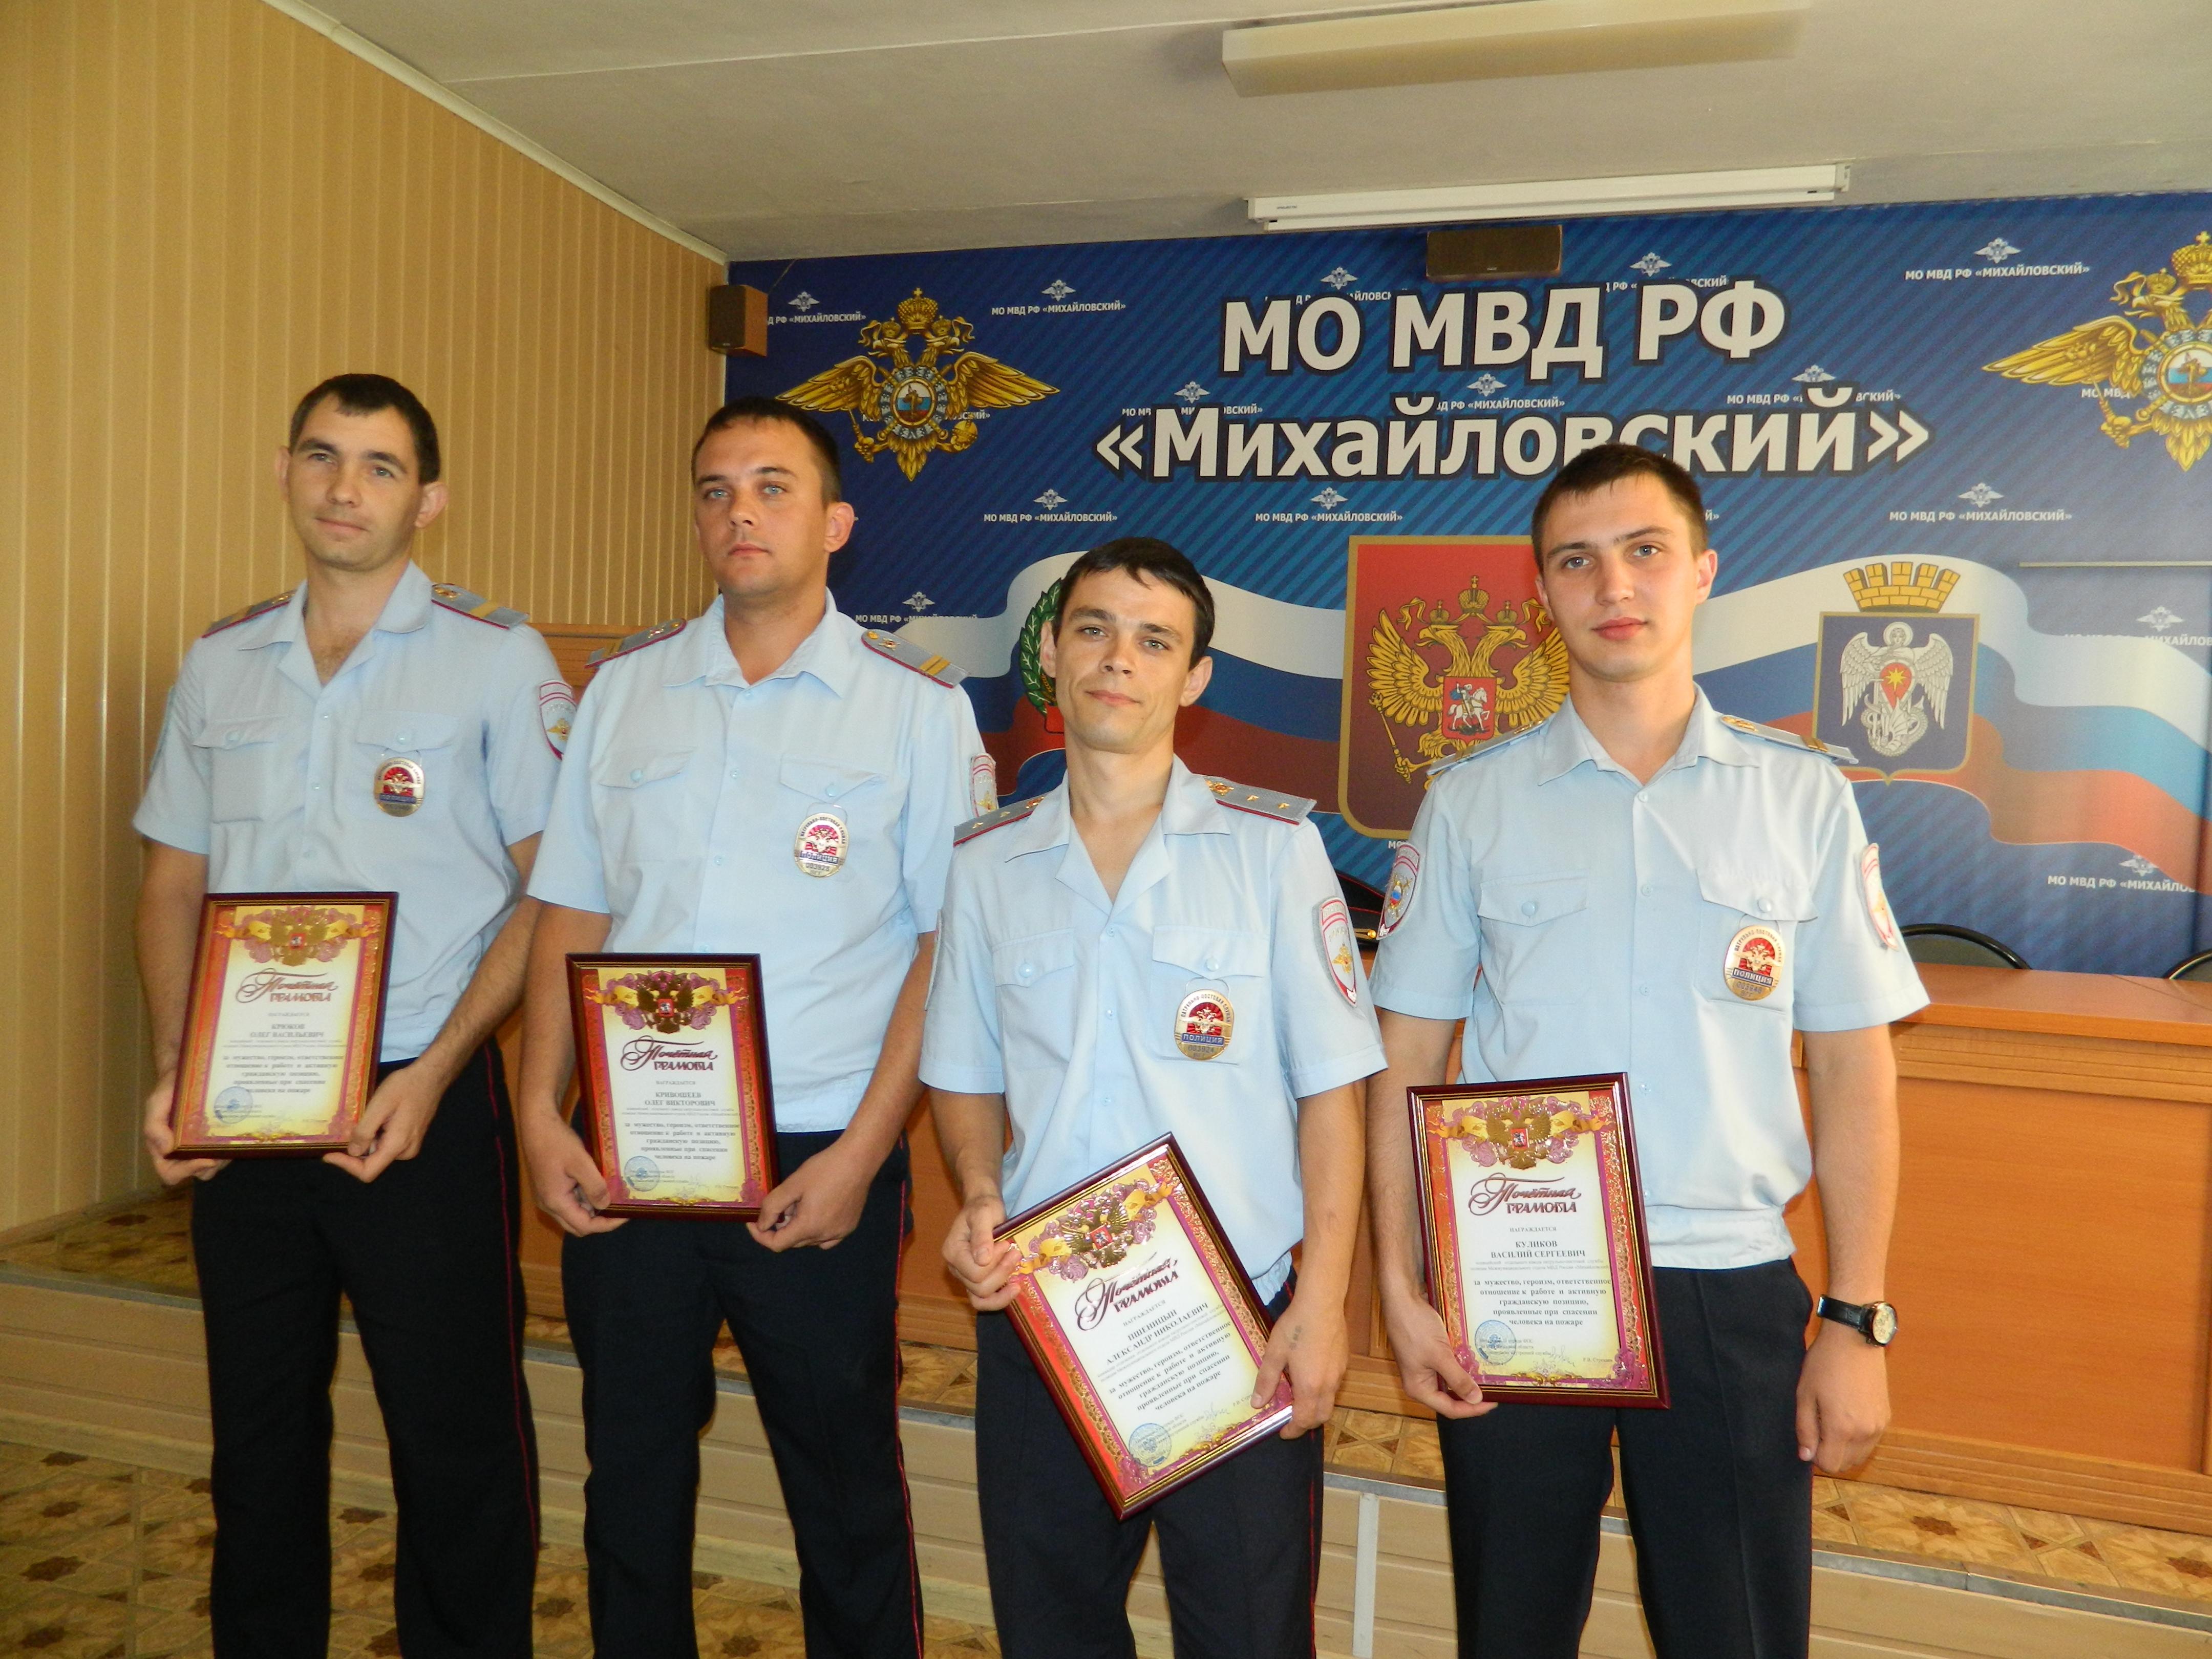 Сотрудники МЧС России поблагодарили полицейских за спасение человека